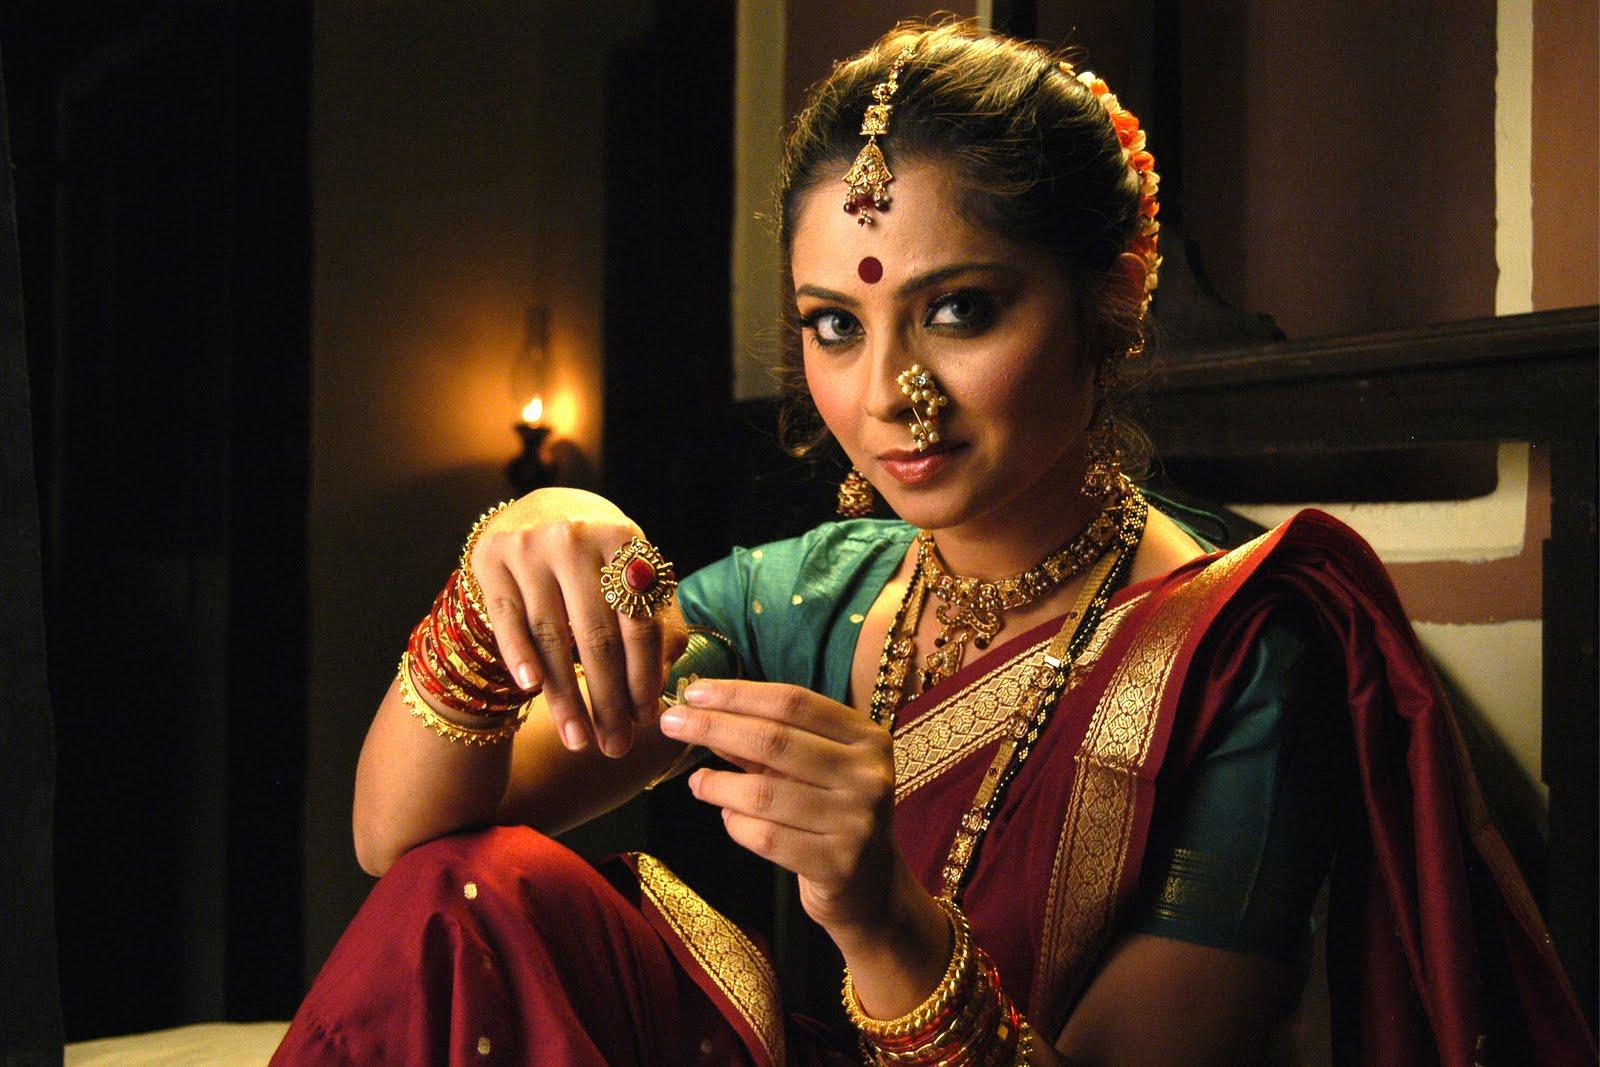 http://1.bp.blogspot.com/-jtDw44ZBhLk/UGTGAFTeeOI/AAAAAAAADns/xL1mID-uQN8/s1600/sonali+kulkarni+marathi+actress.jpg